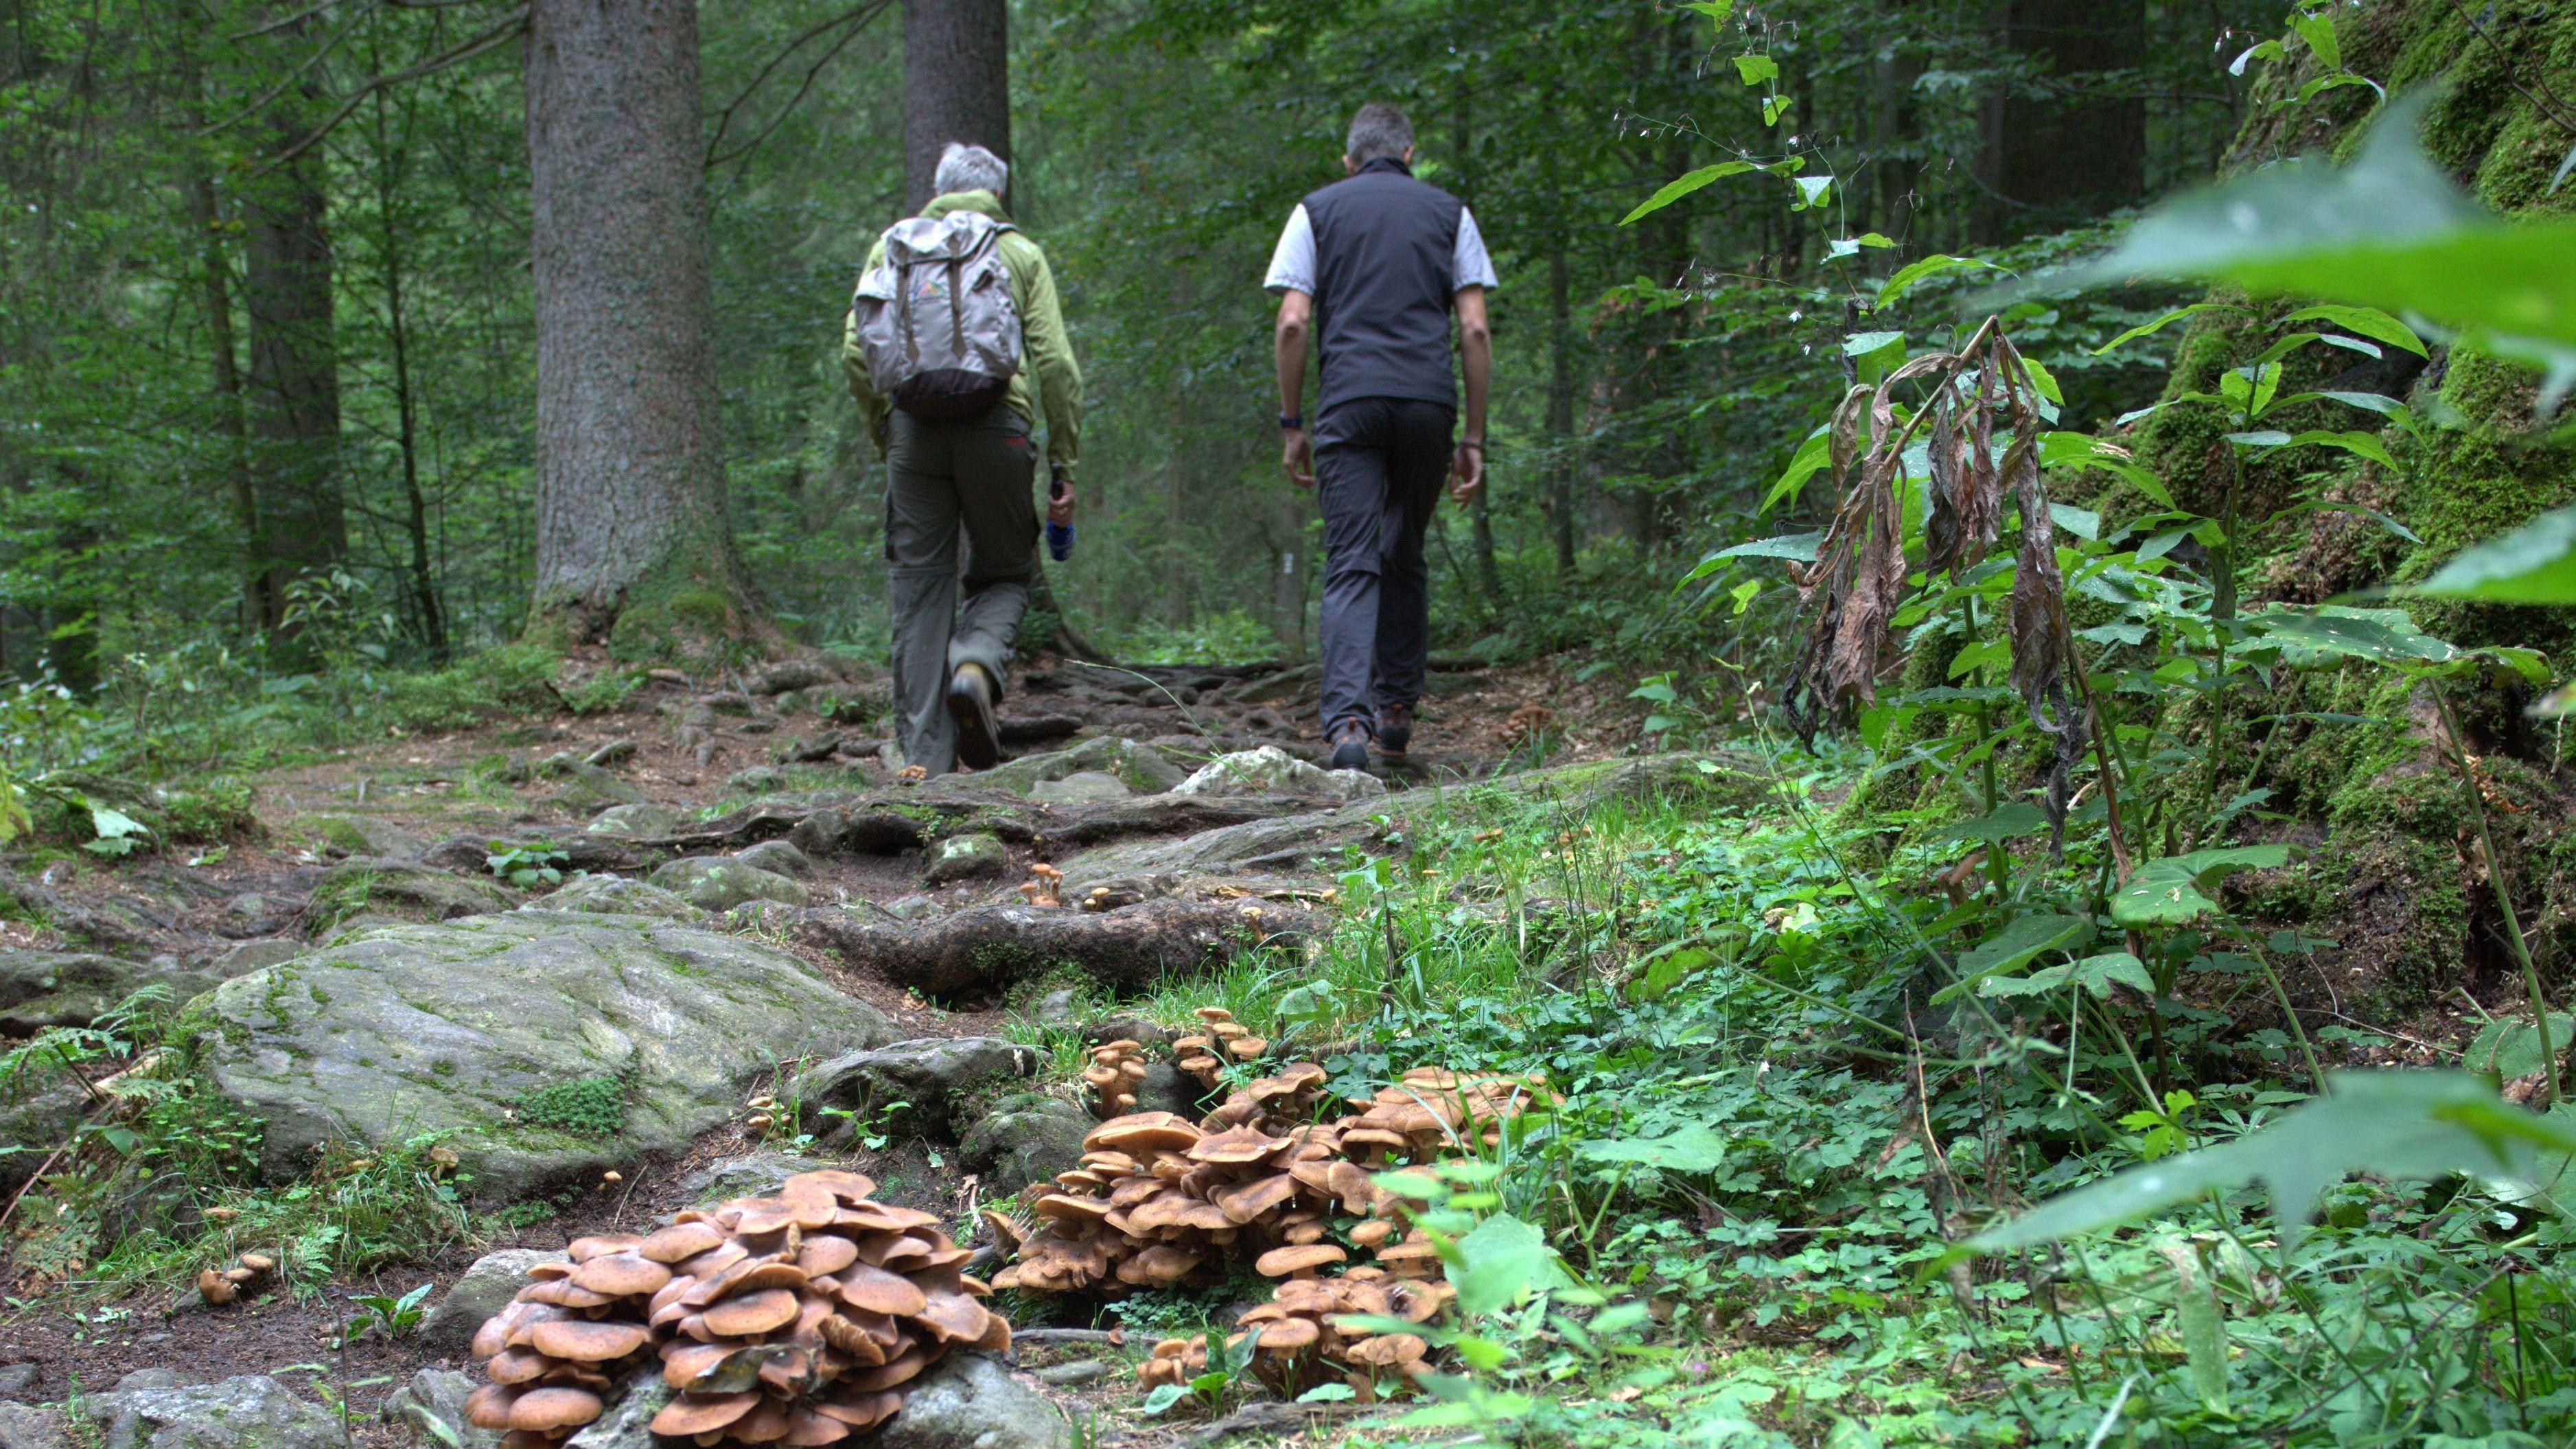 Der Weg führt über Stock und Stein an Flechten, Moosen, uralten Bäumen und Pilzen vorbei